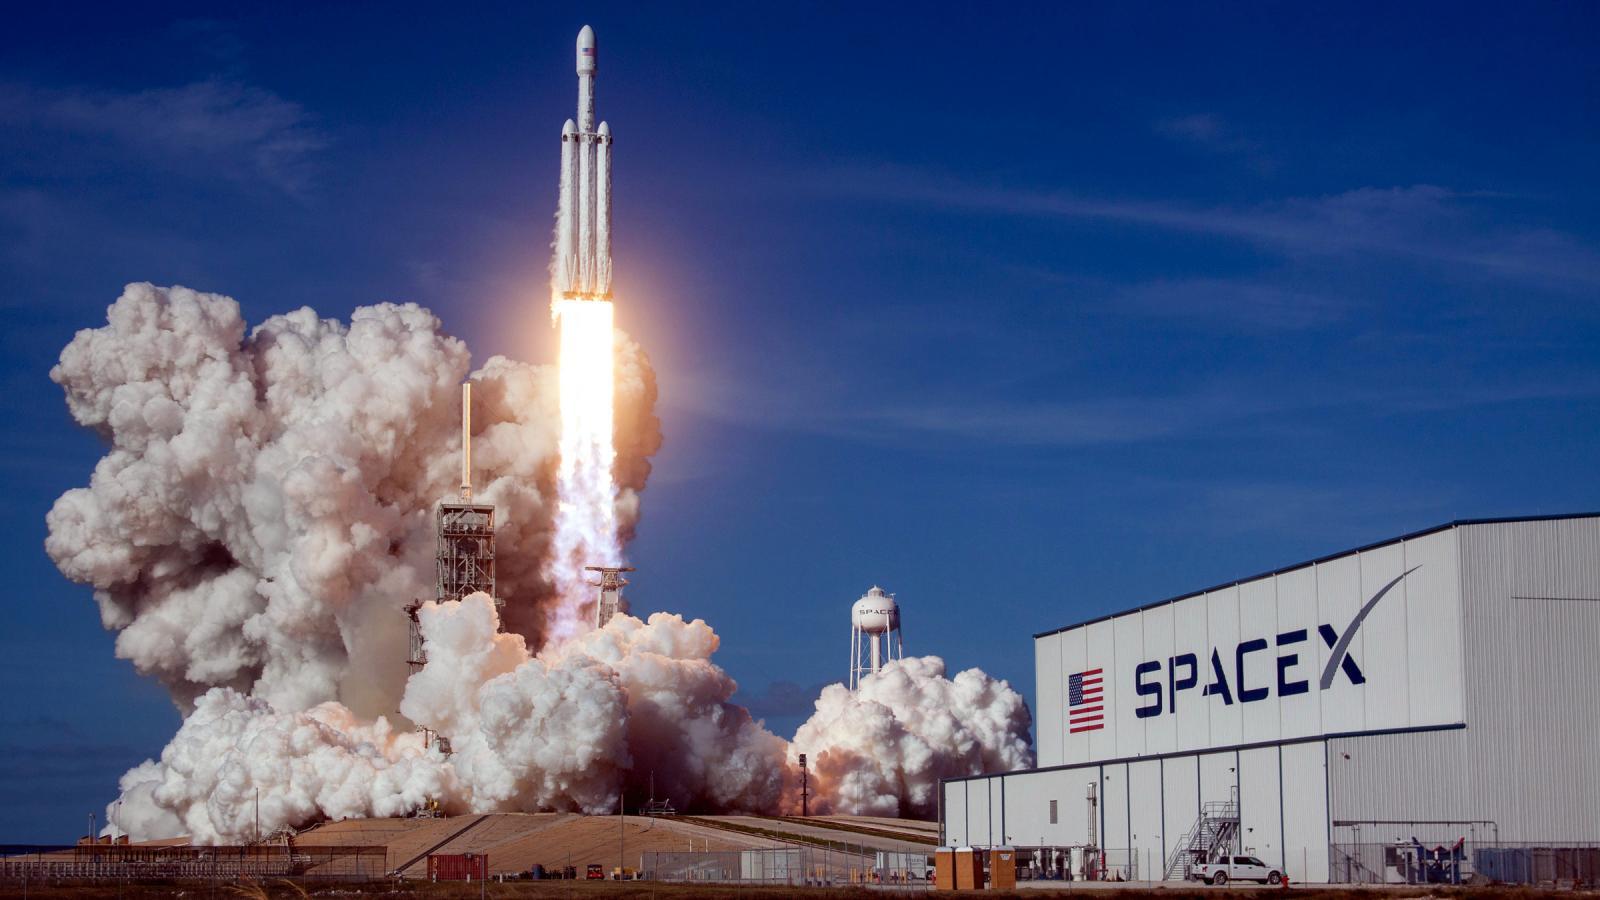 Elon Musk'ın şirketi SpaceX, Turksat 5A'yı uzaya gönderecek